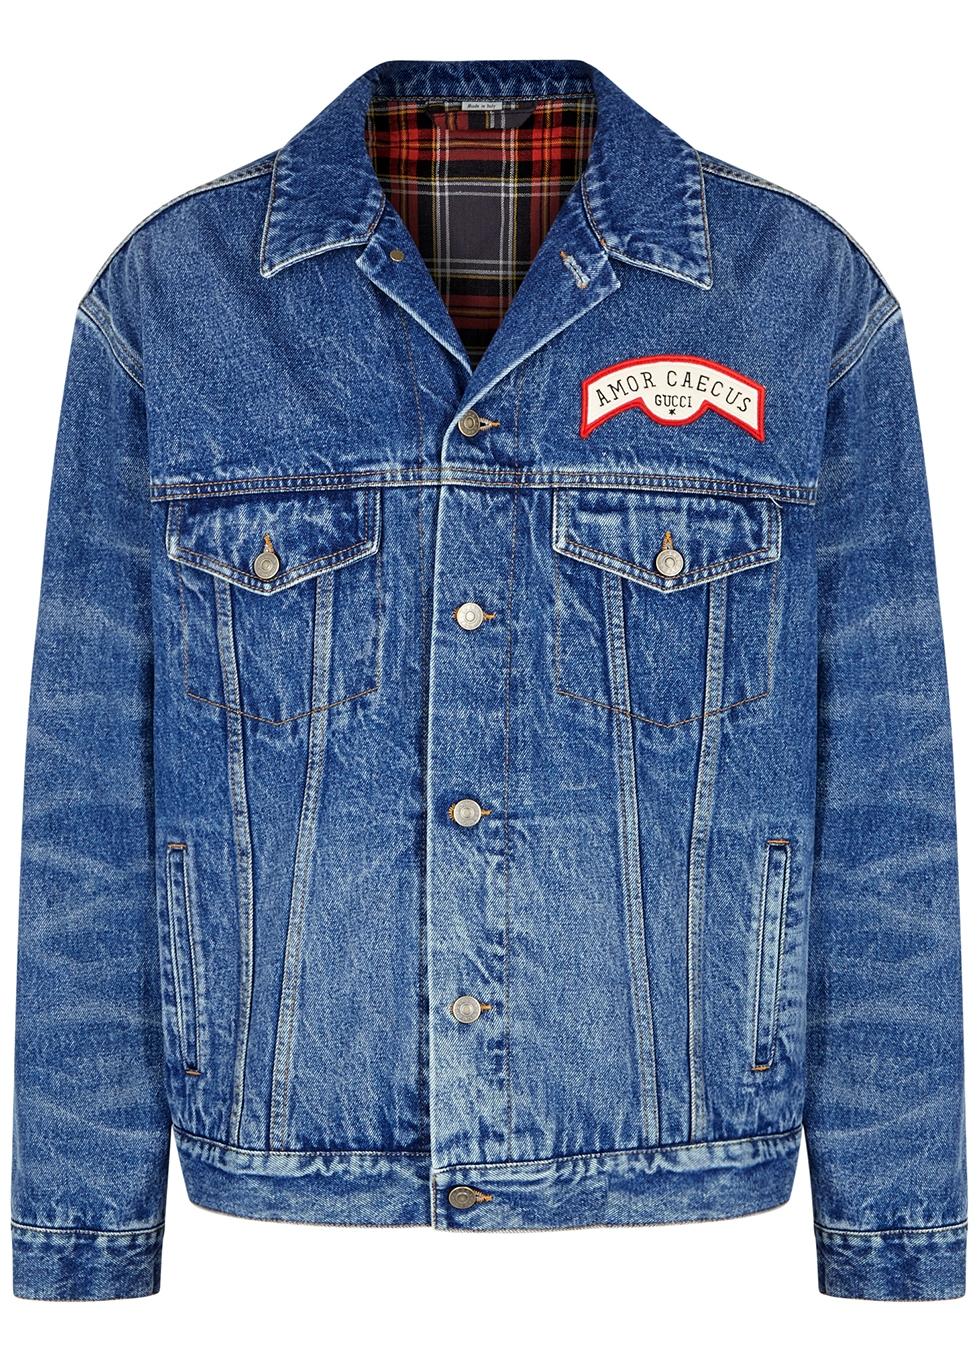 ba829a2ec939 Men s Designer Denim Jackets - Harvey Nichols